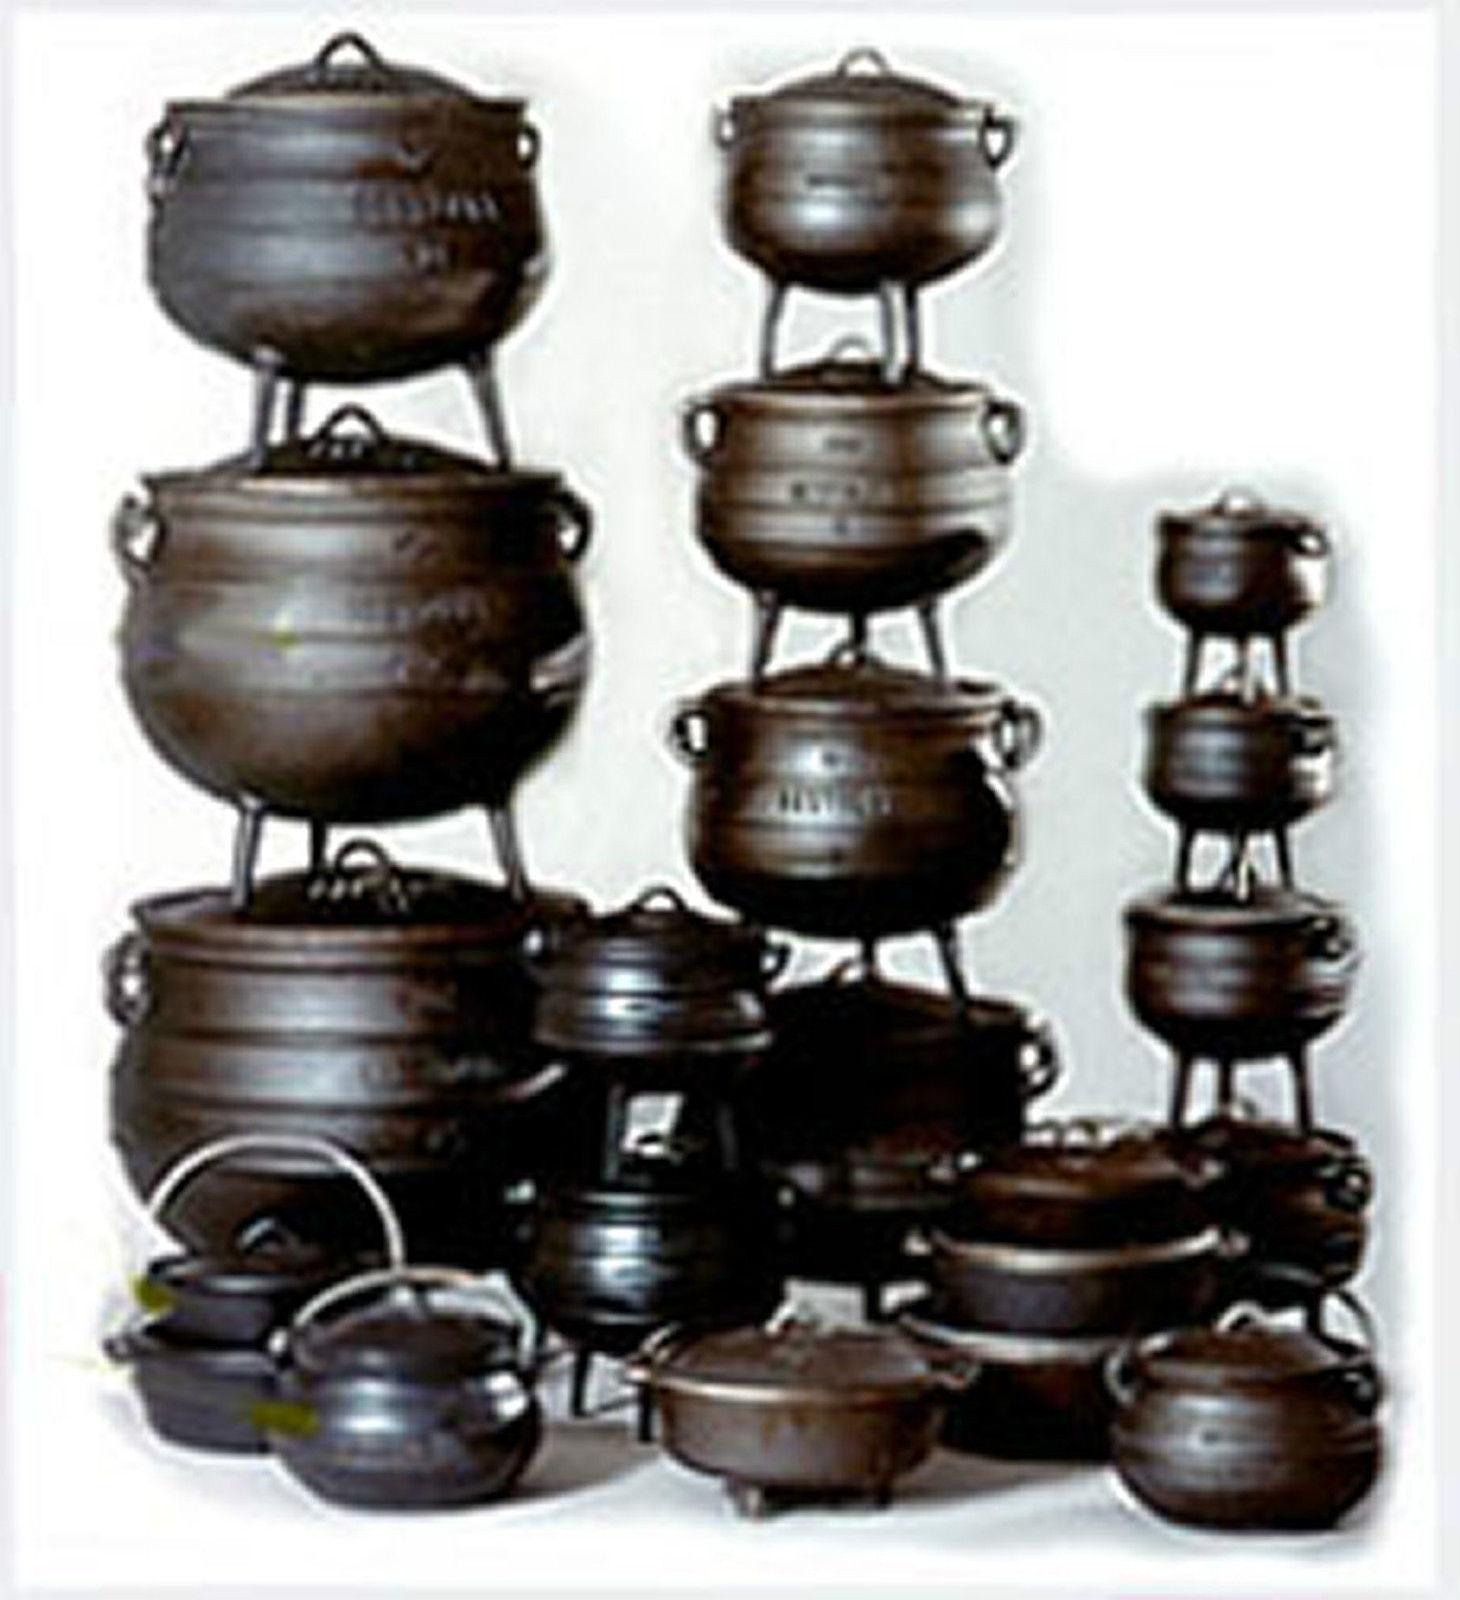 cauldron cast iron potjie pot sz 3 4 outdoor survival 2 qt cookware druid pagan cast iron. Black Bedroom Furniture Sets. Home Design Ideas